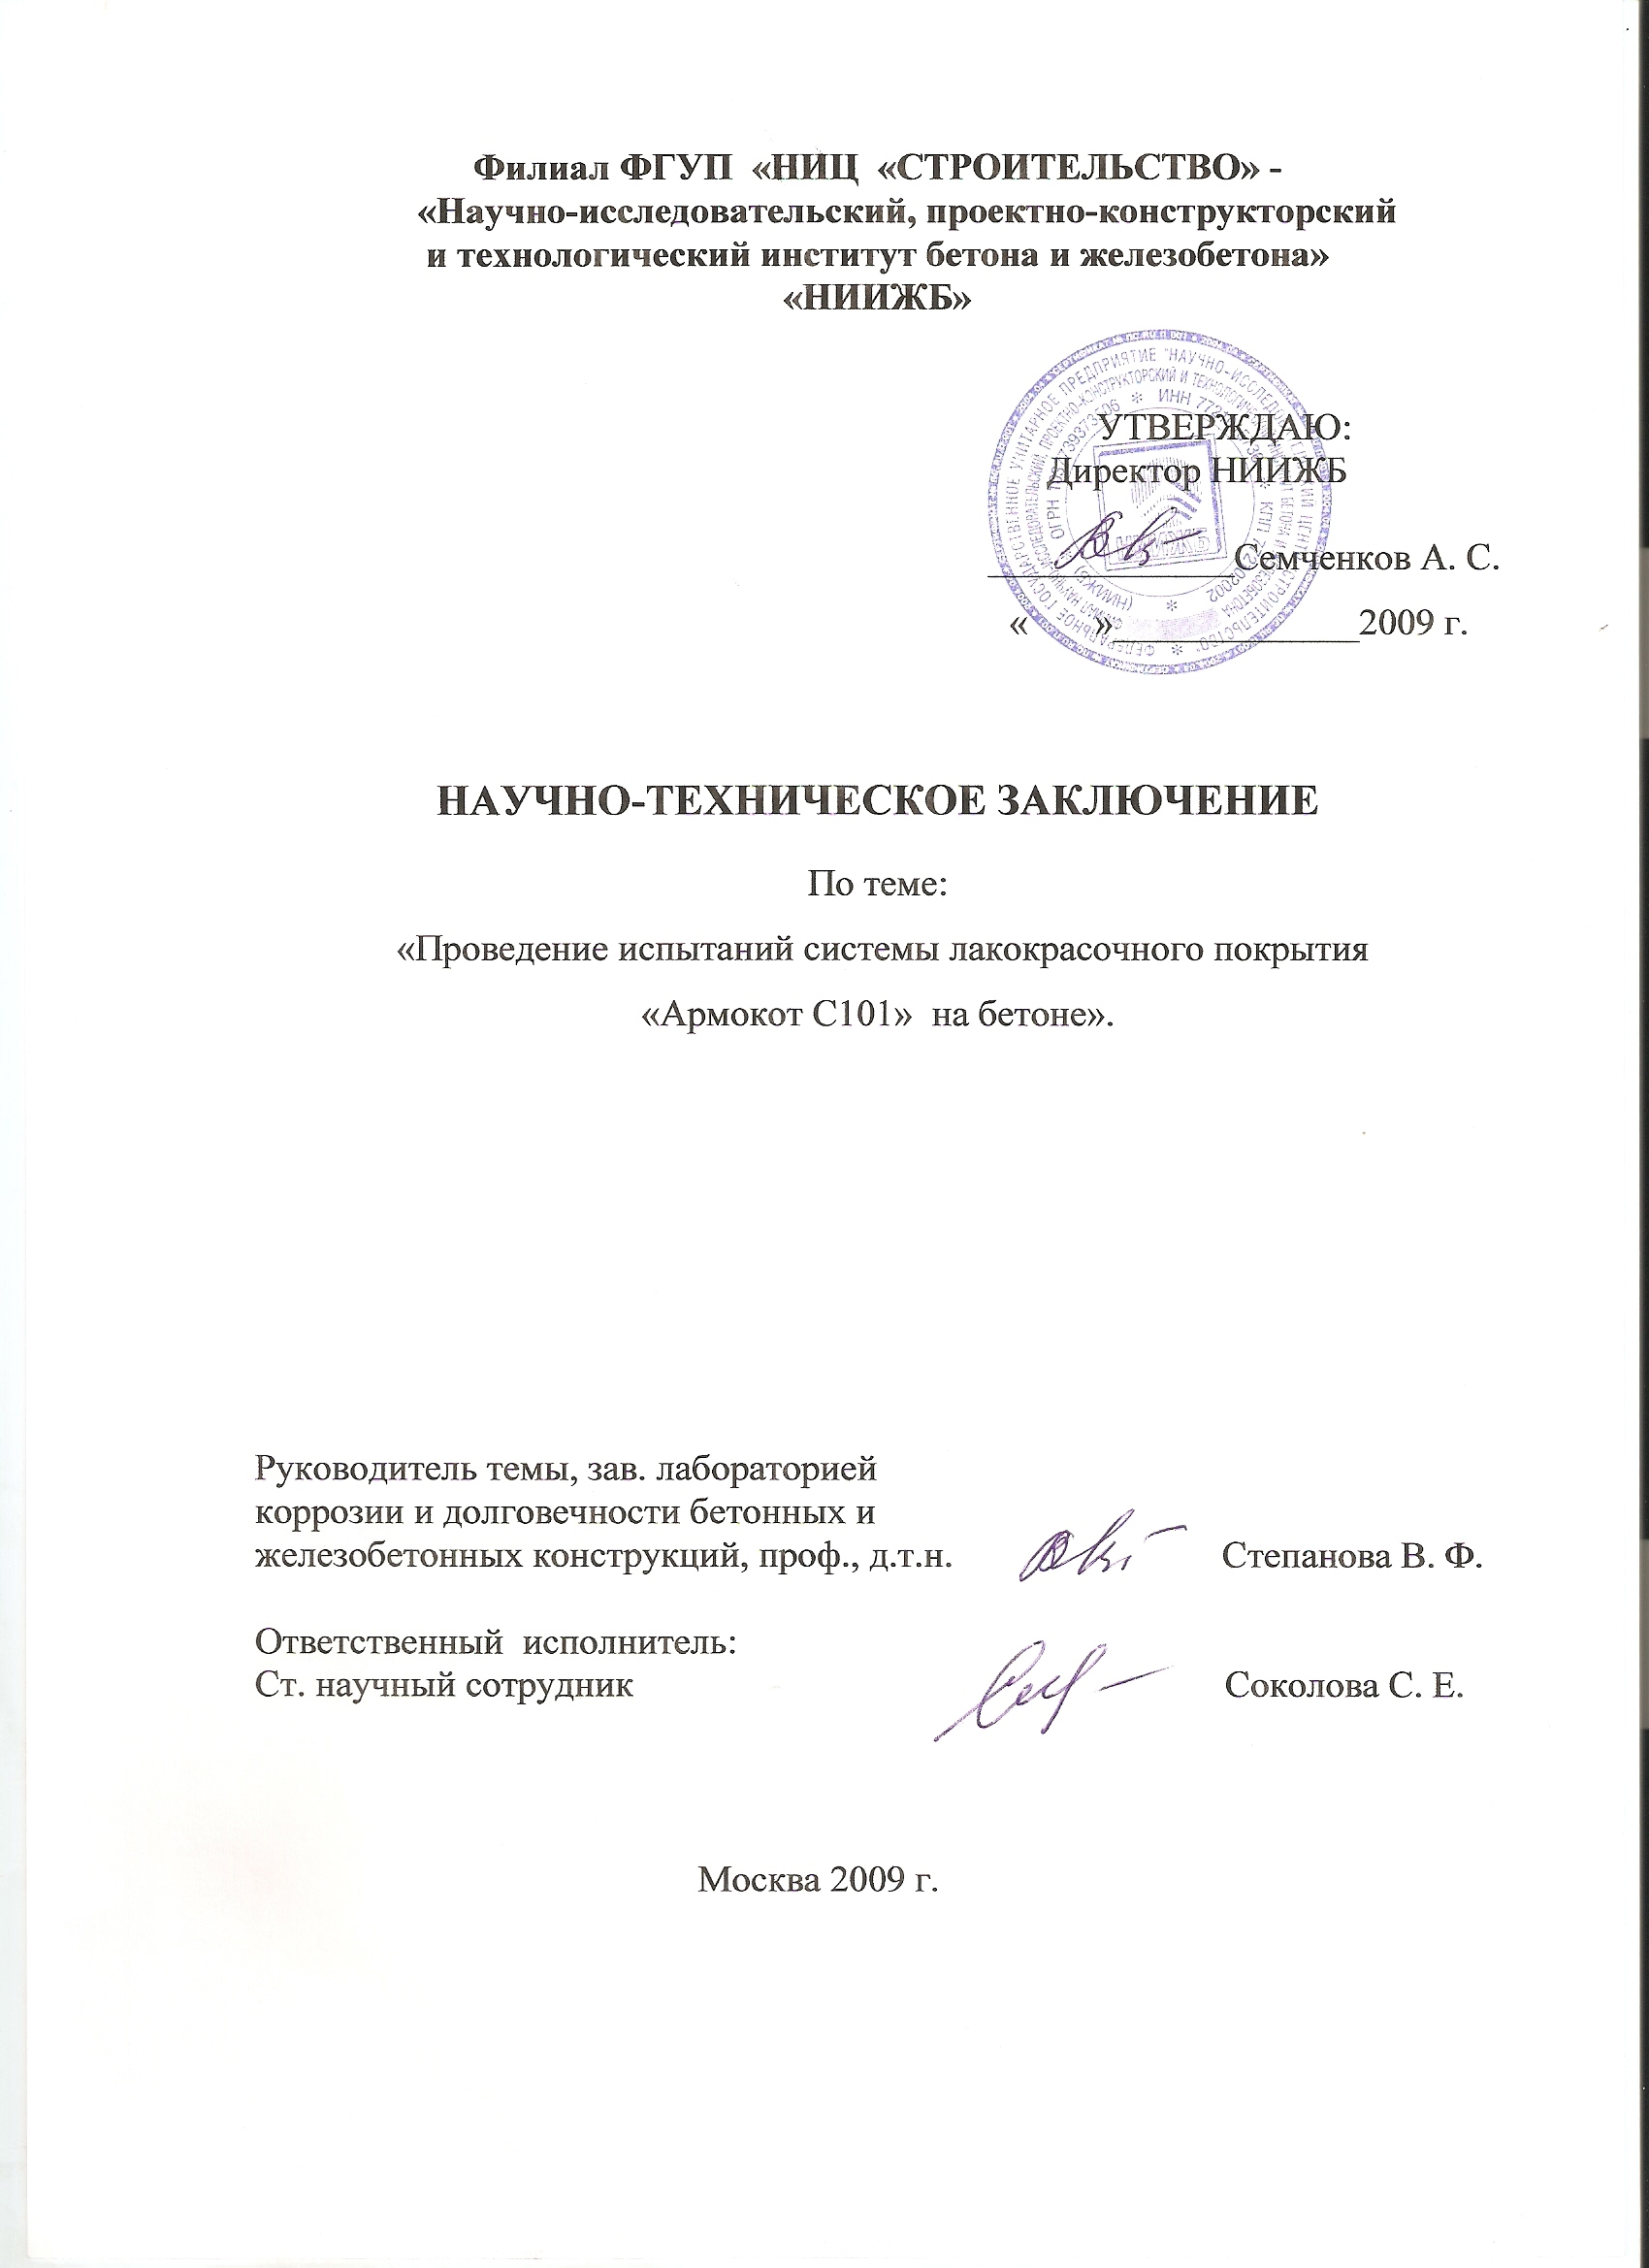 НИИЖБ титульный лист Армокот С101